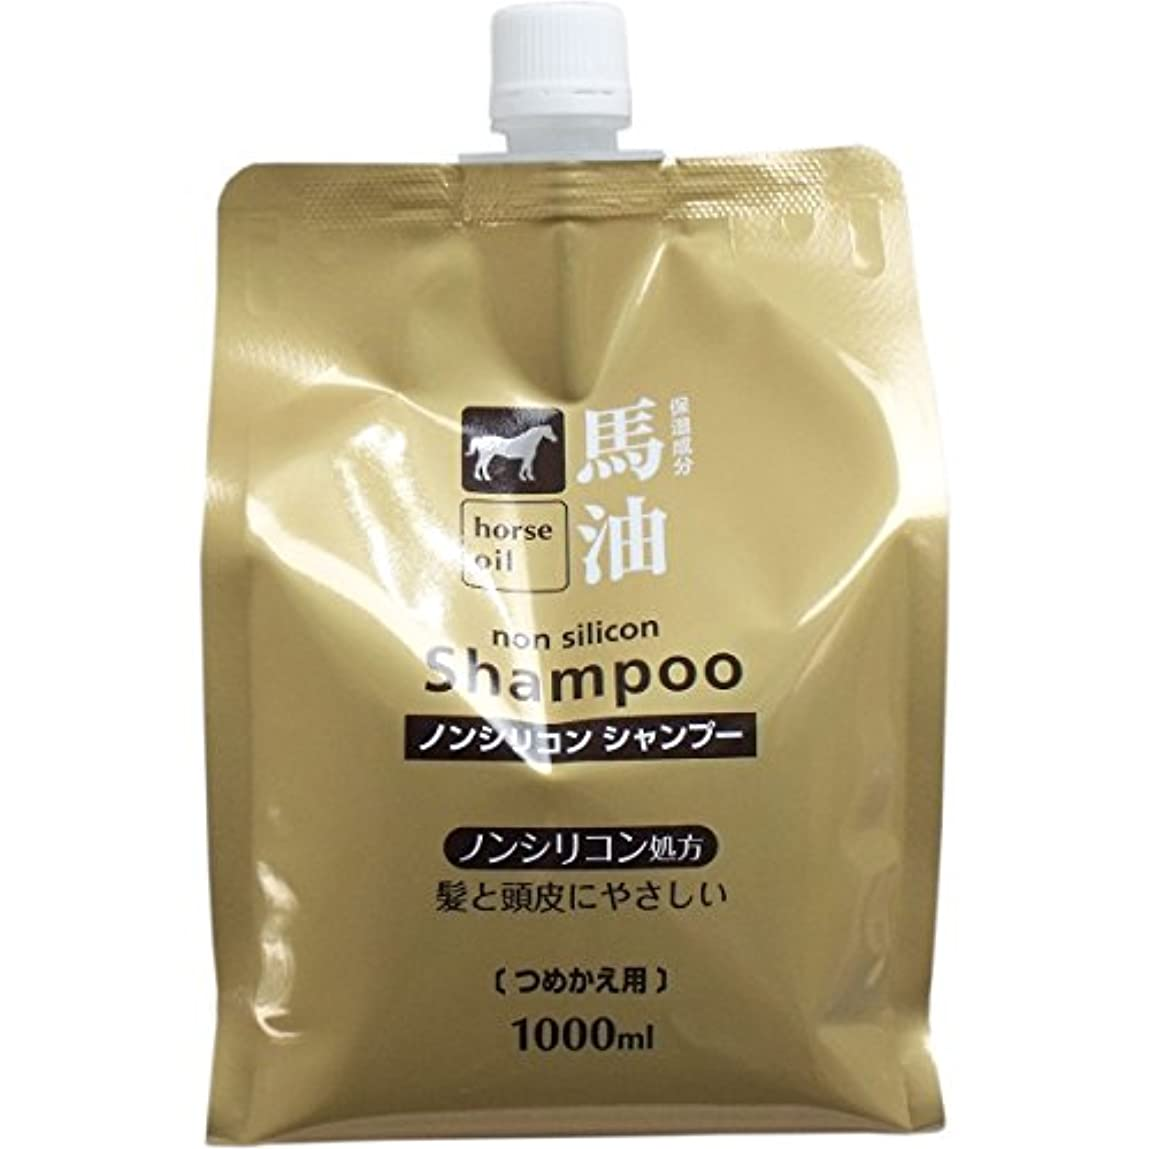 アラスカボイコットもちろん熊野油脂 馬油シャンプー 詰め替え用 1000ml × 3個